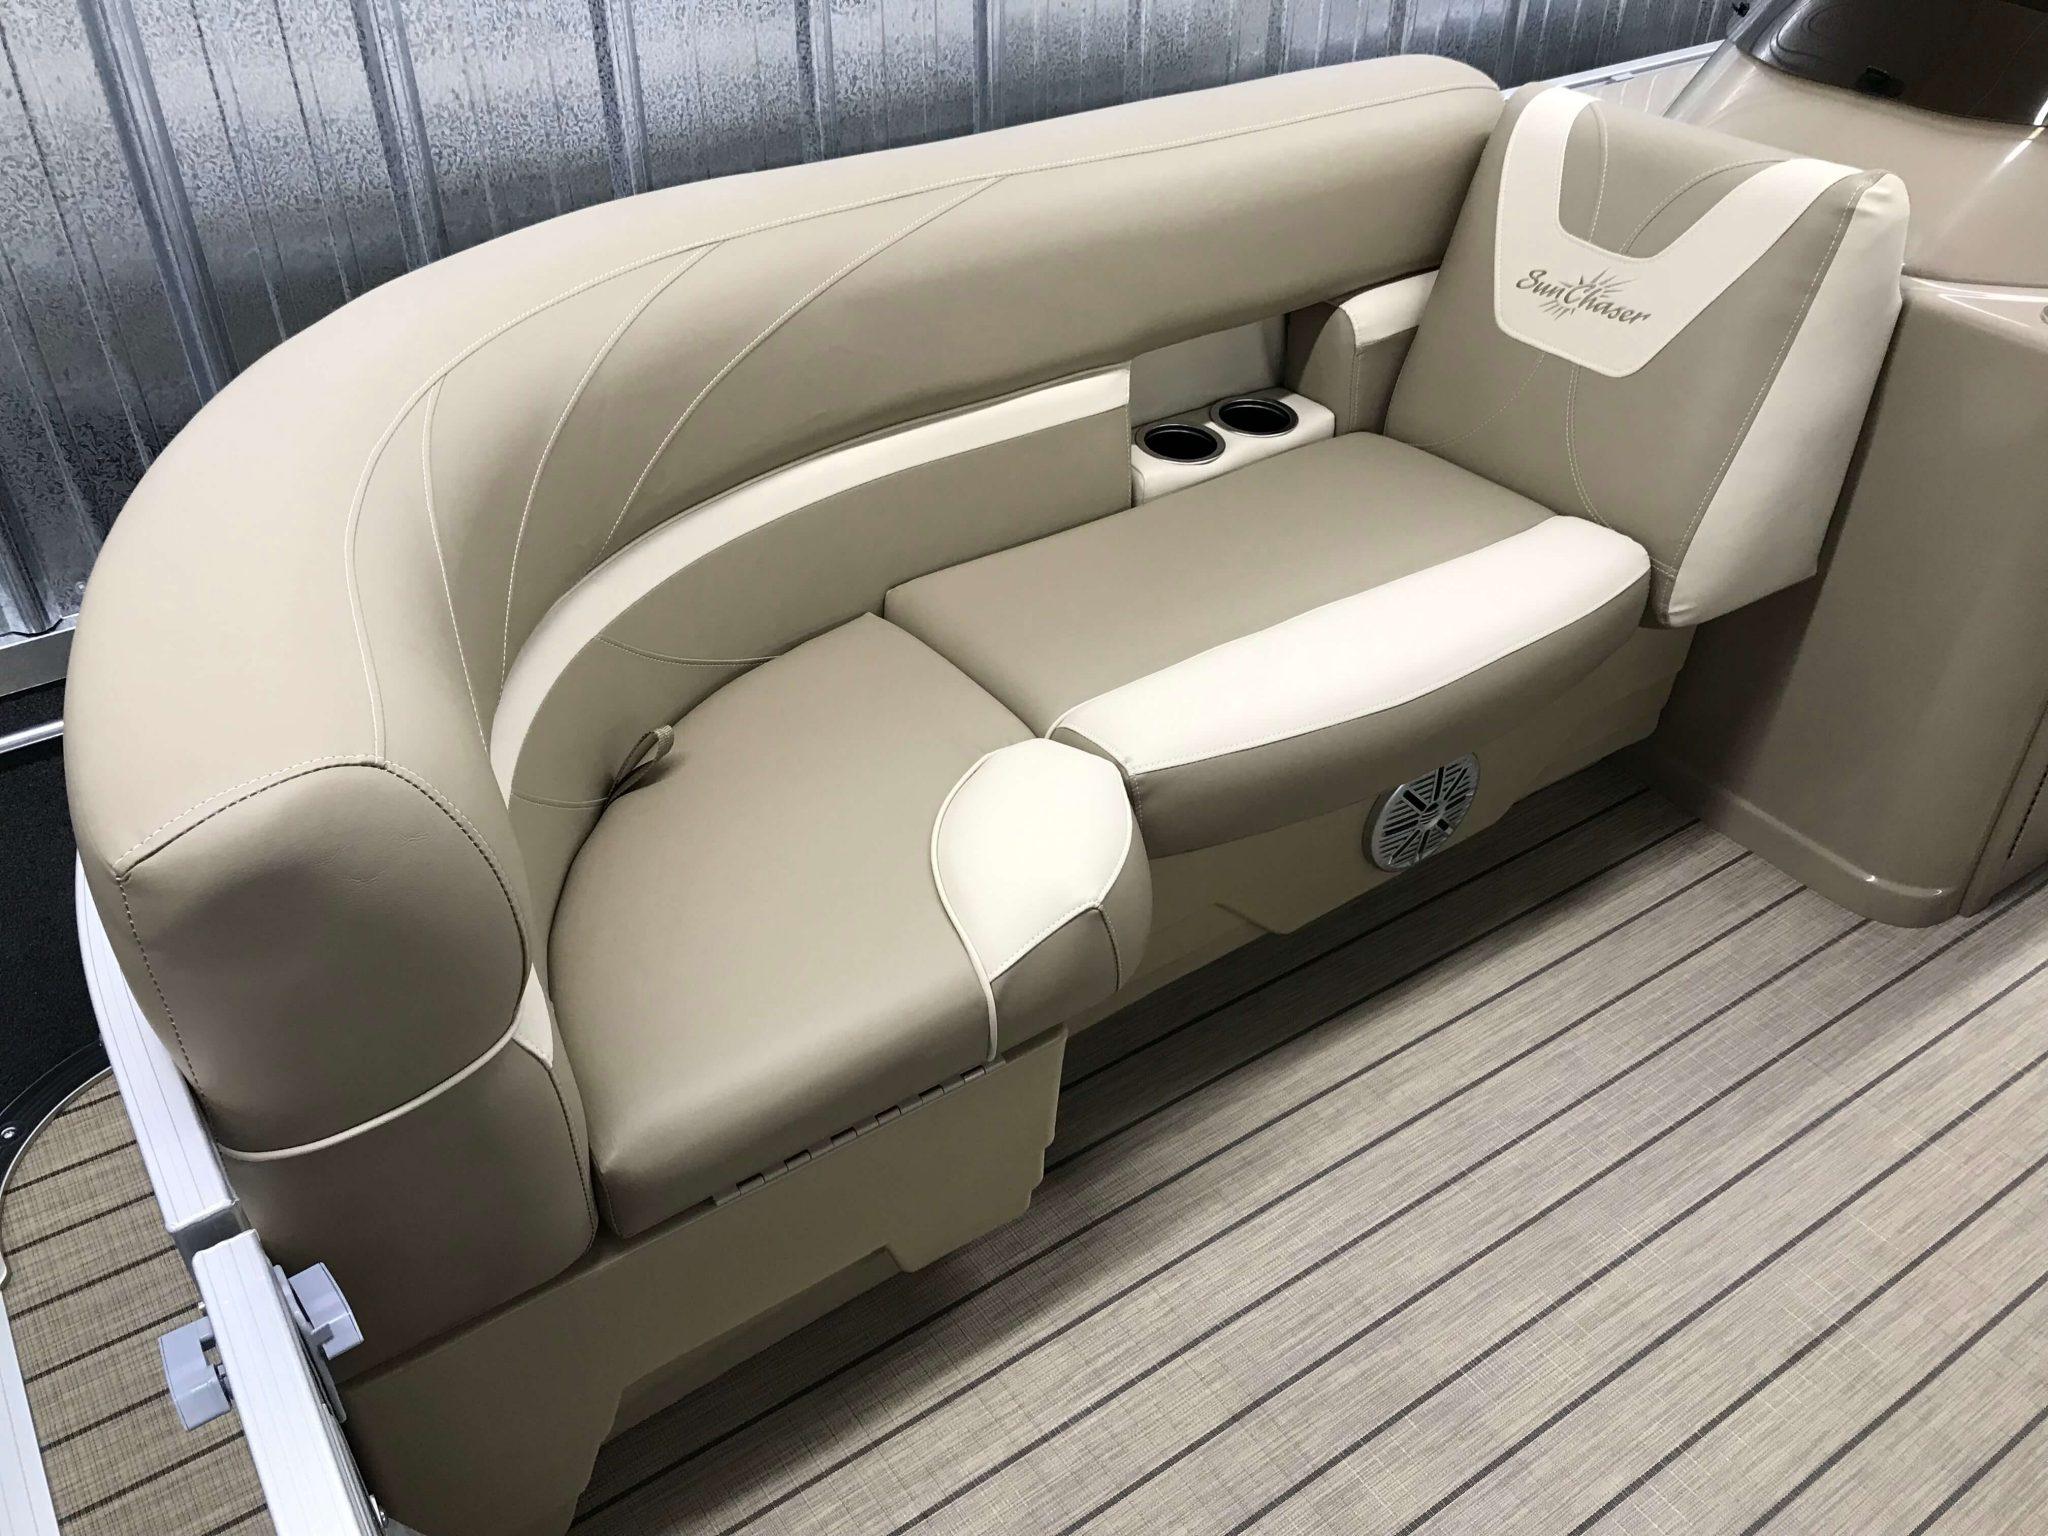 2019 SunChaser Geneva 22 LR Seating 4